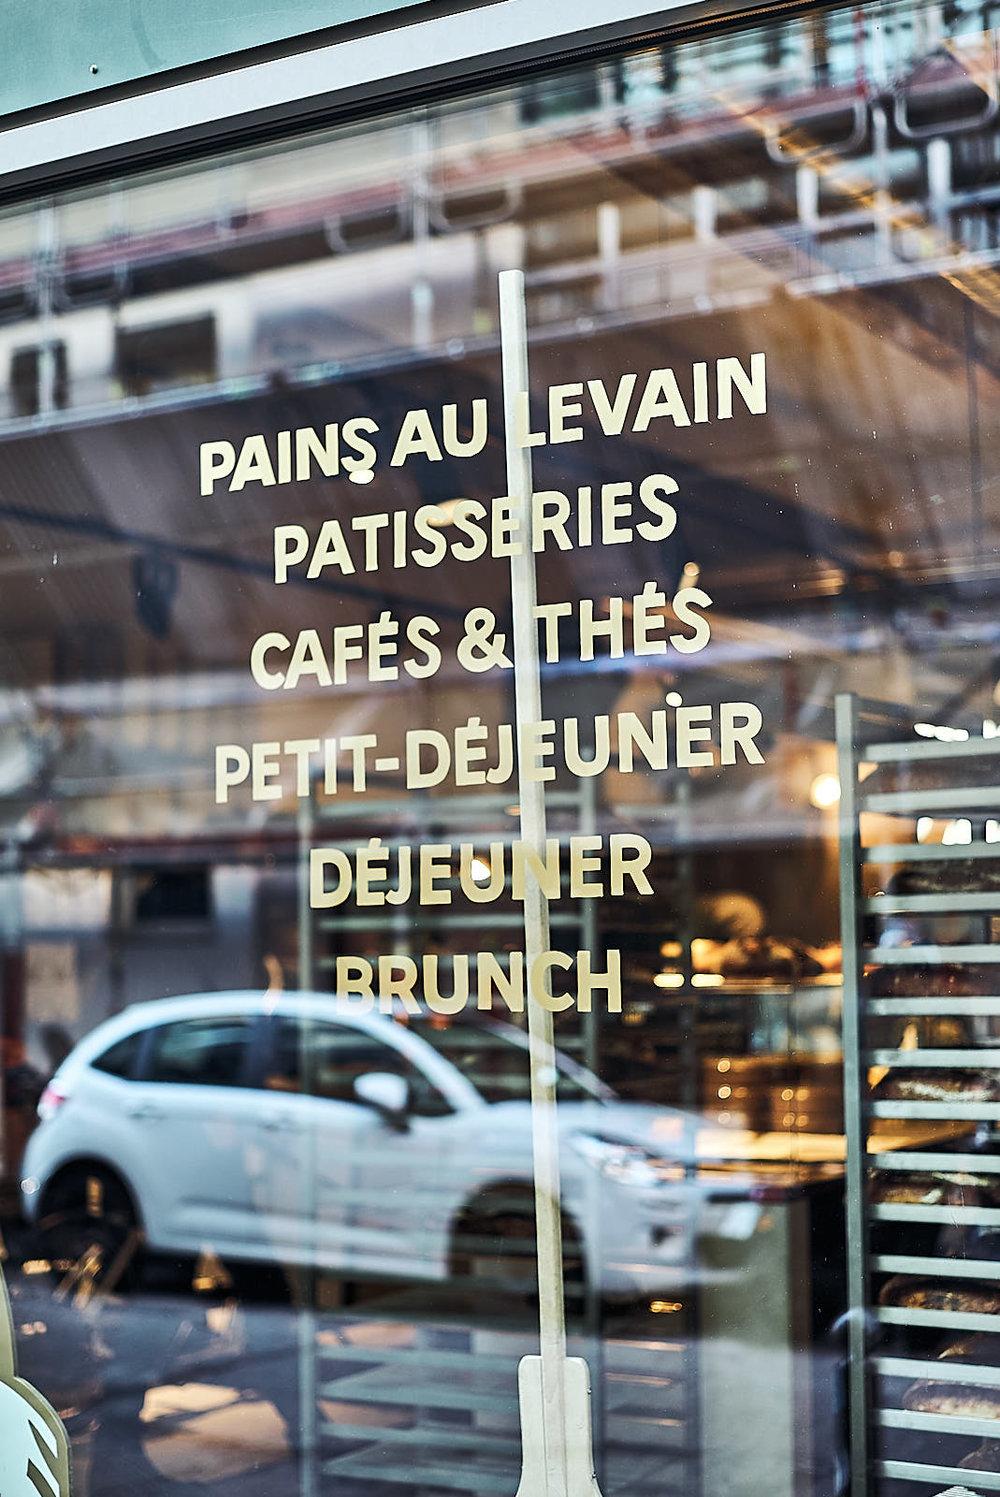 Ten Belles bakery